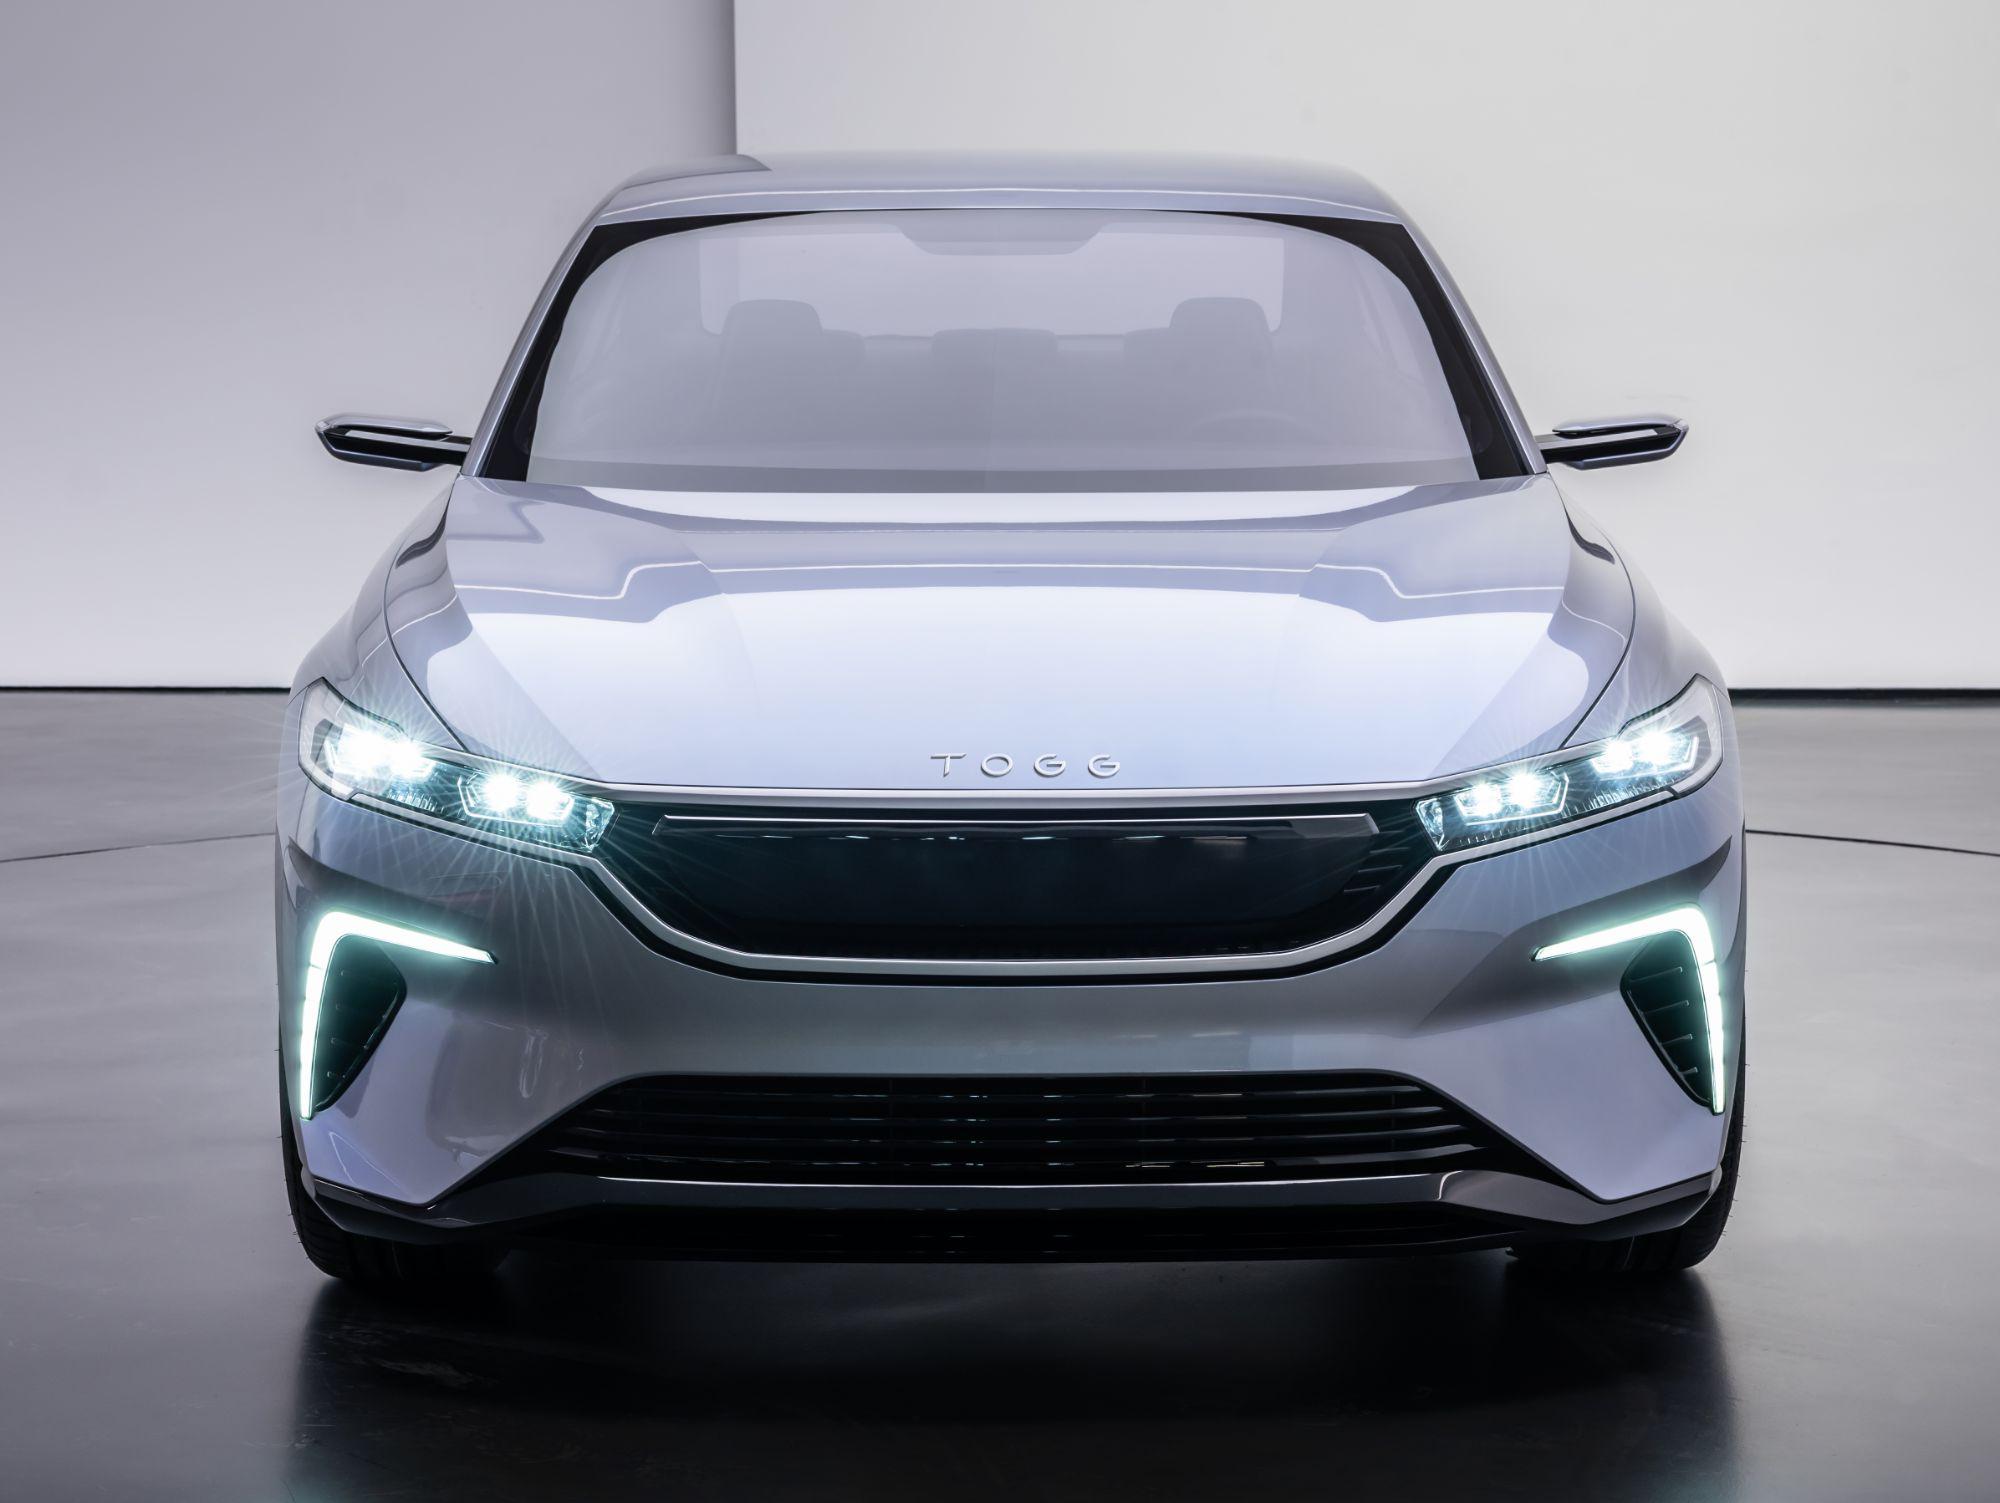 Arttırılmış gerçeklik ve 3 boyut ile zenginleştirilmiş görüntü sayesinde yol tarifi ve diğer sürücü destek sistemlerini daha kolay bir şekilde kullanarak güvenli, konforlu ve interaktif bir sürüş imkanı bulacak.